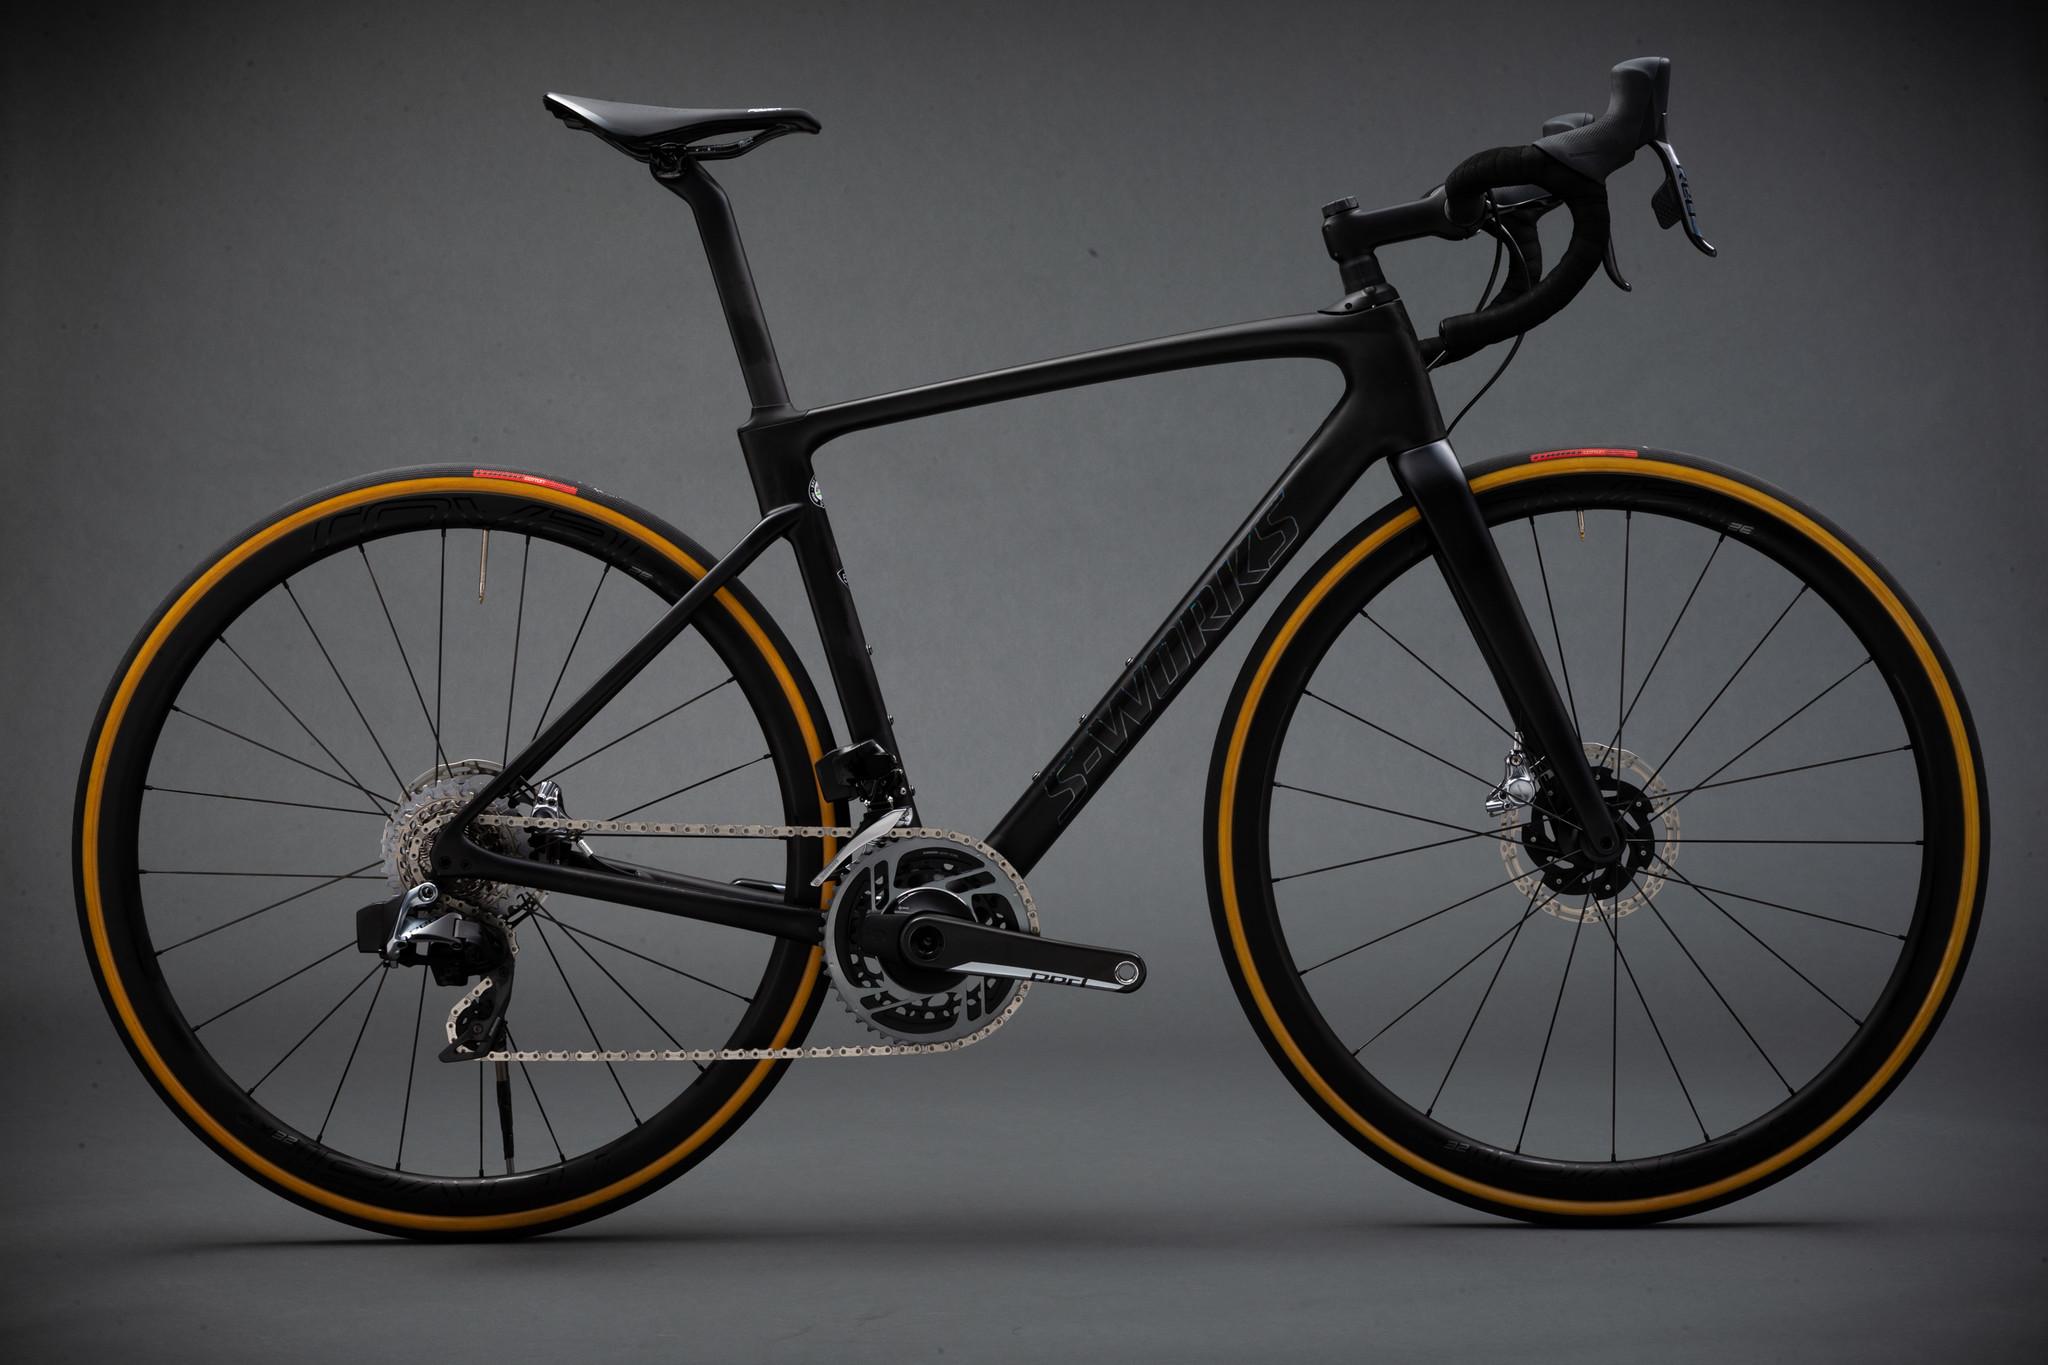 Specialized bike sale australia